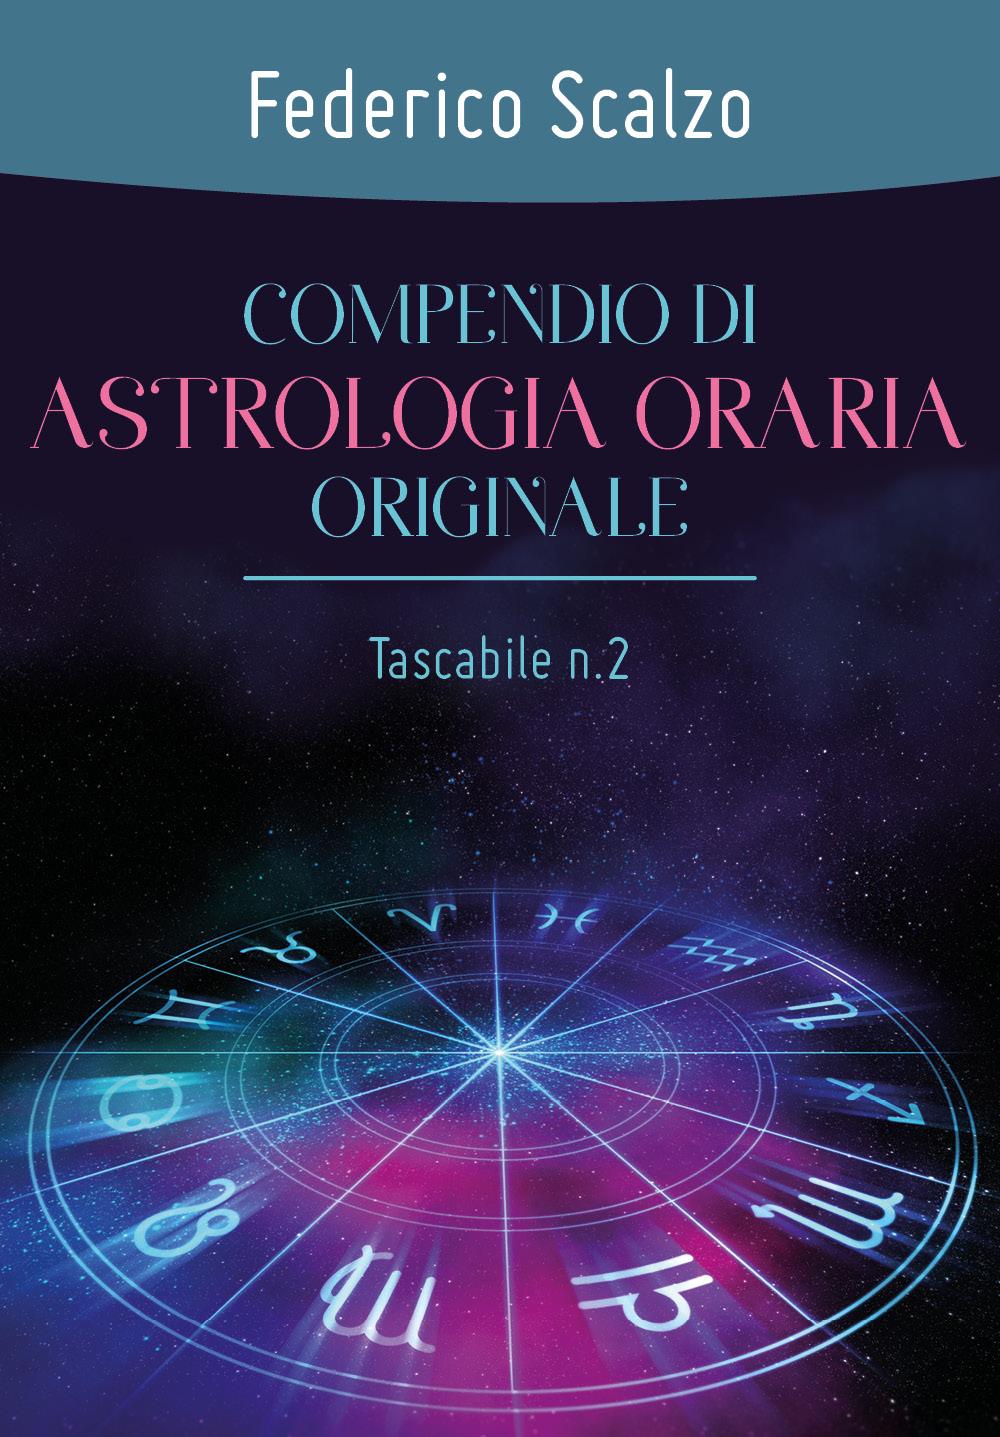 Compendio di astrologia oraria originale